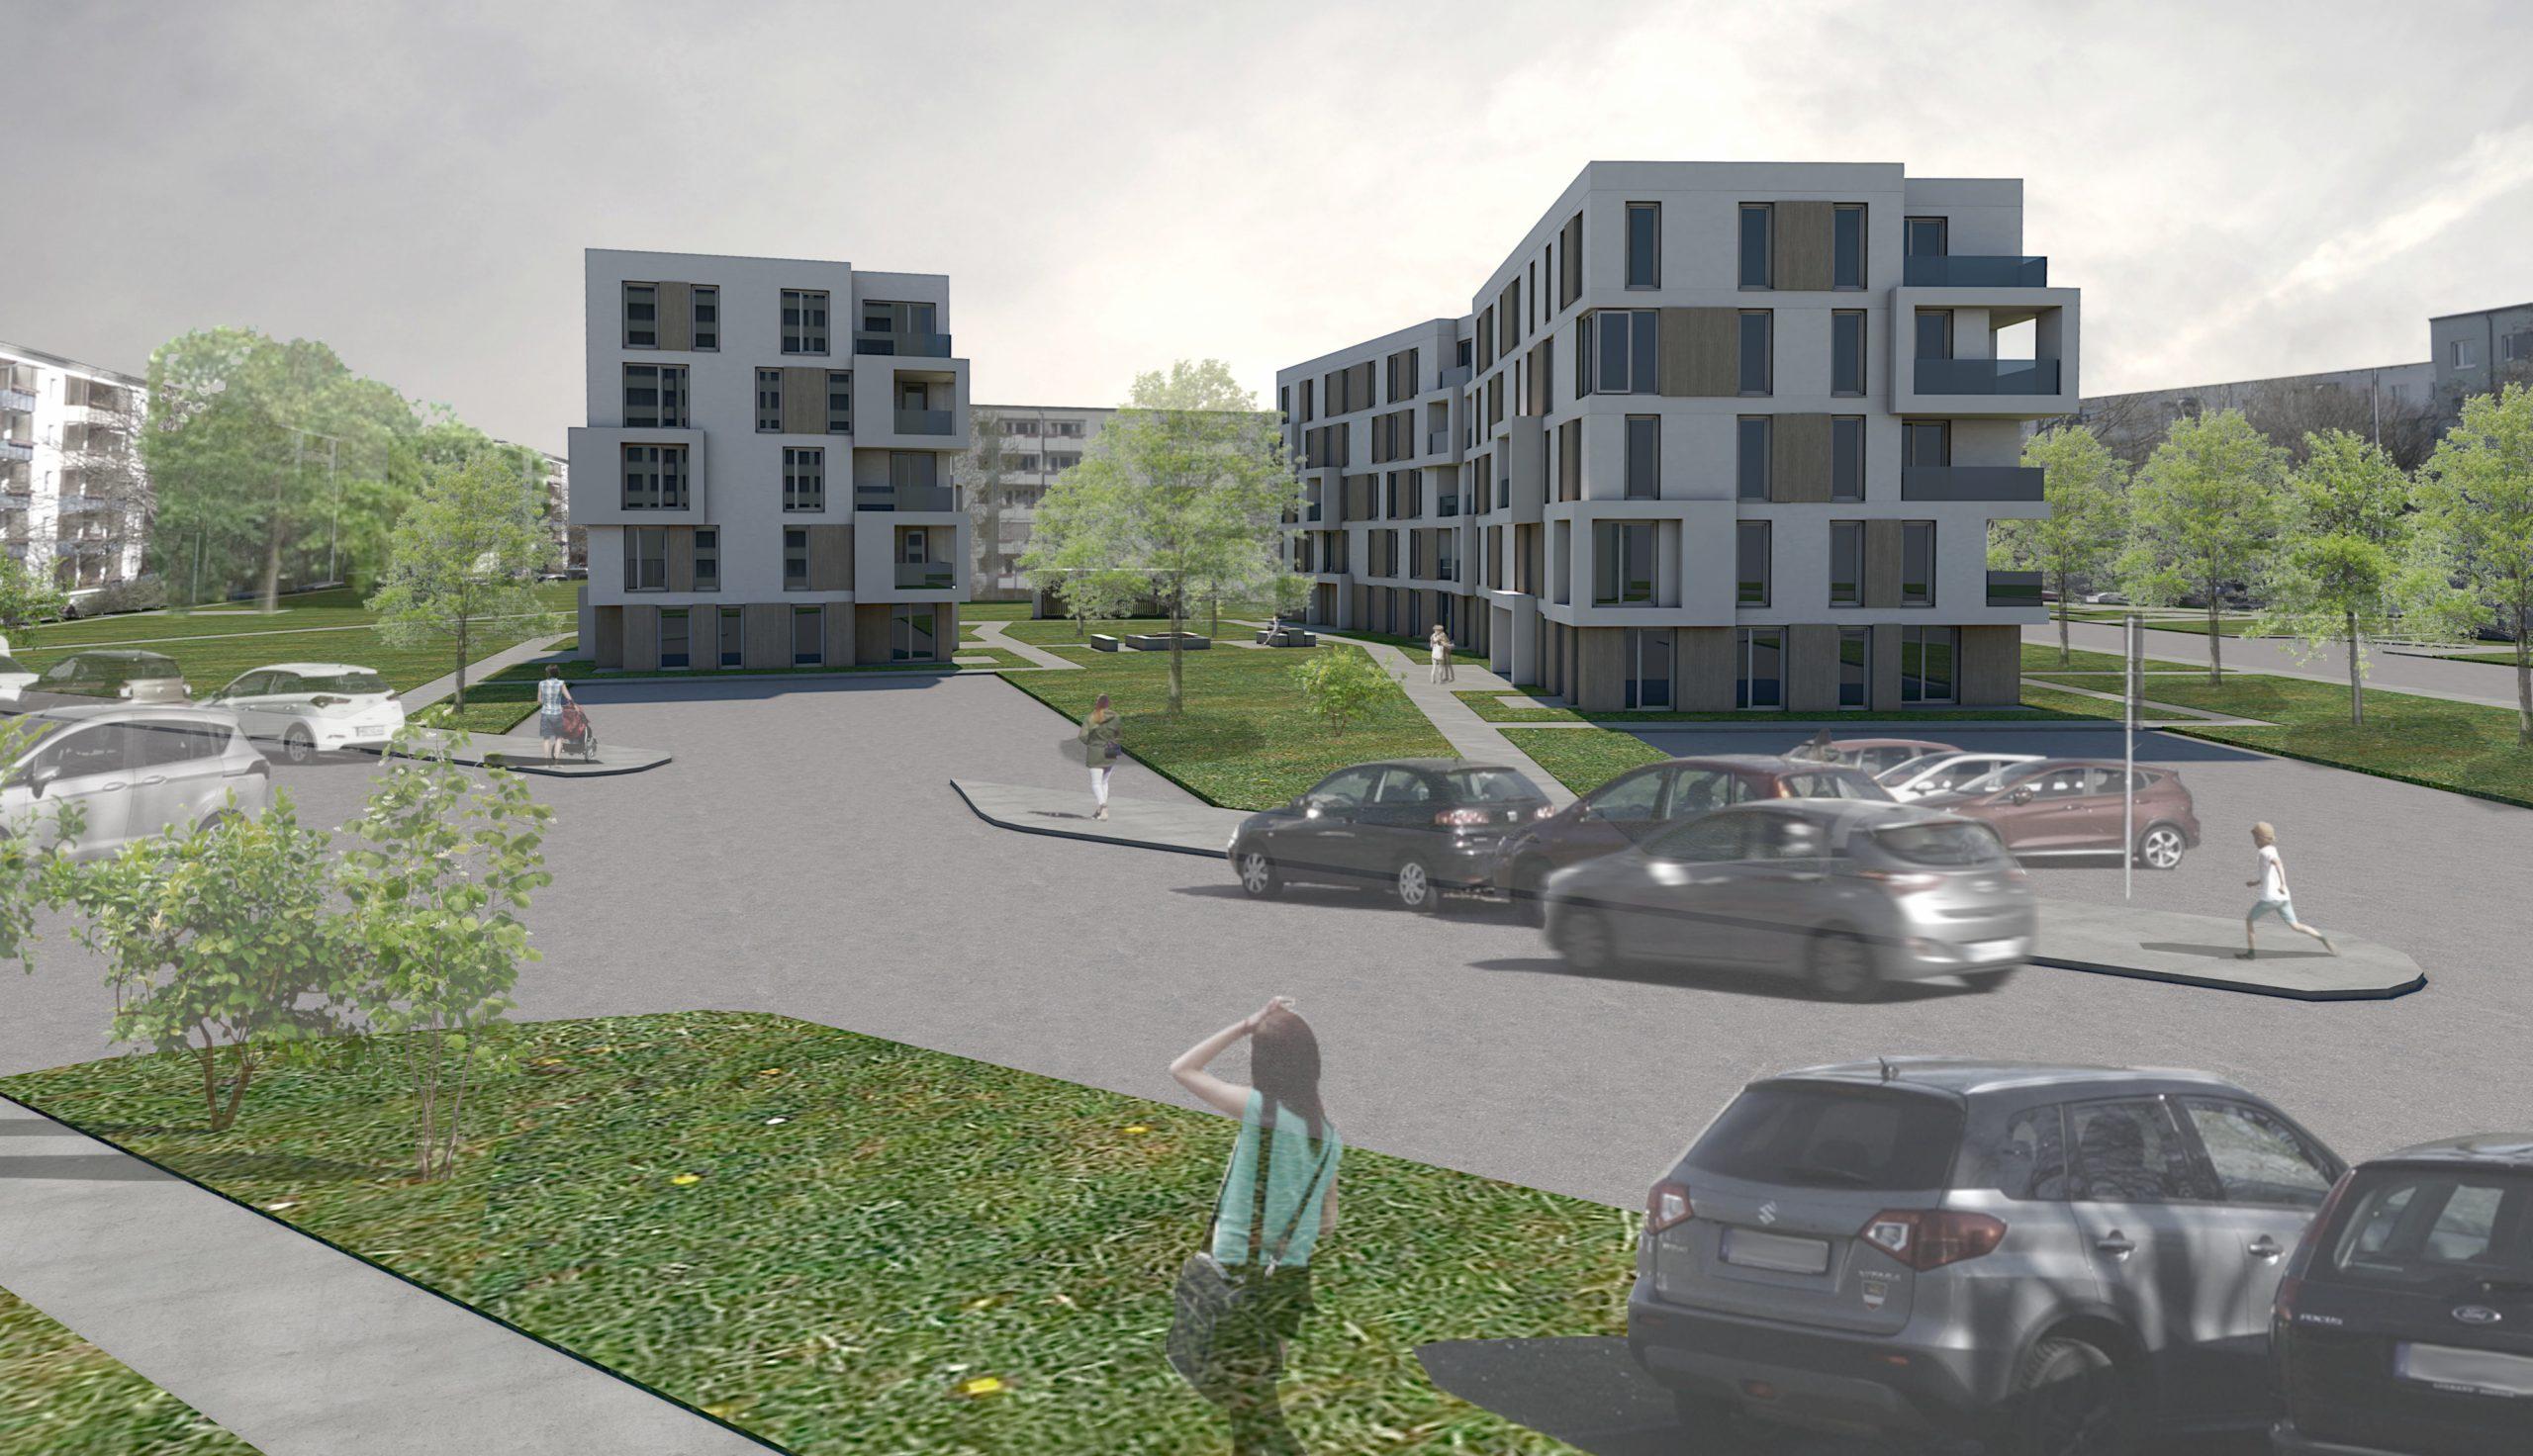 Projektbild 5, Neubau eines Wohnquartiers mit 50 Wohneinheiten   |   Rostock – Südstadt